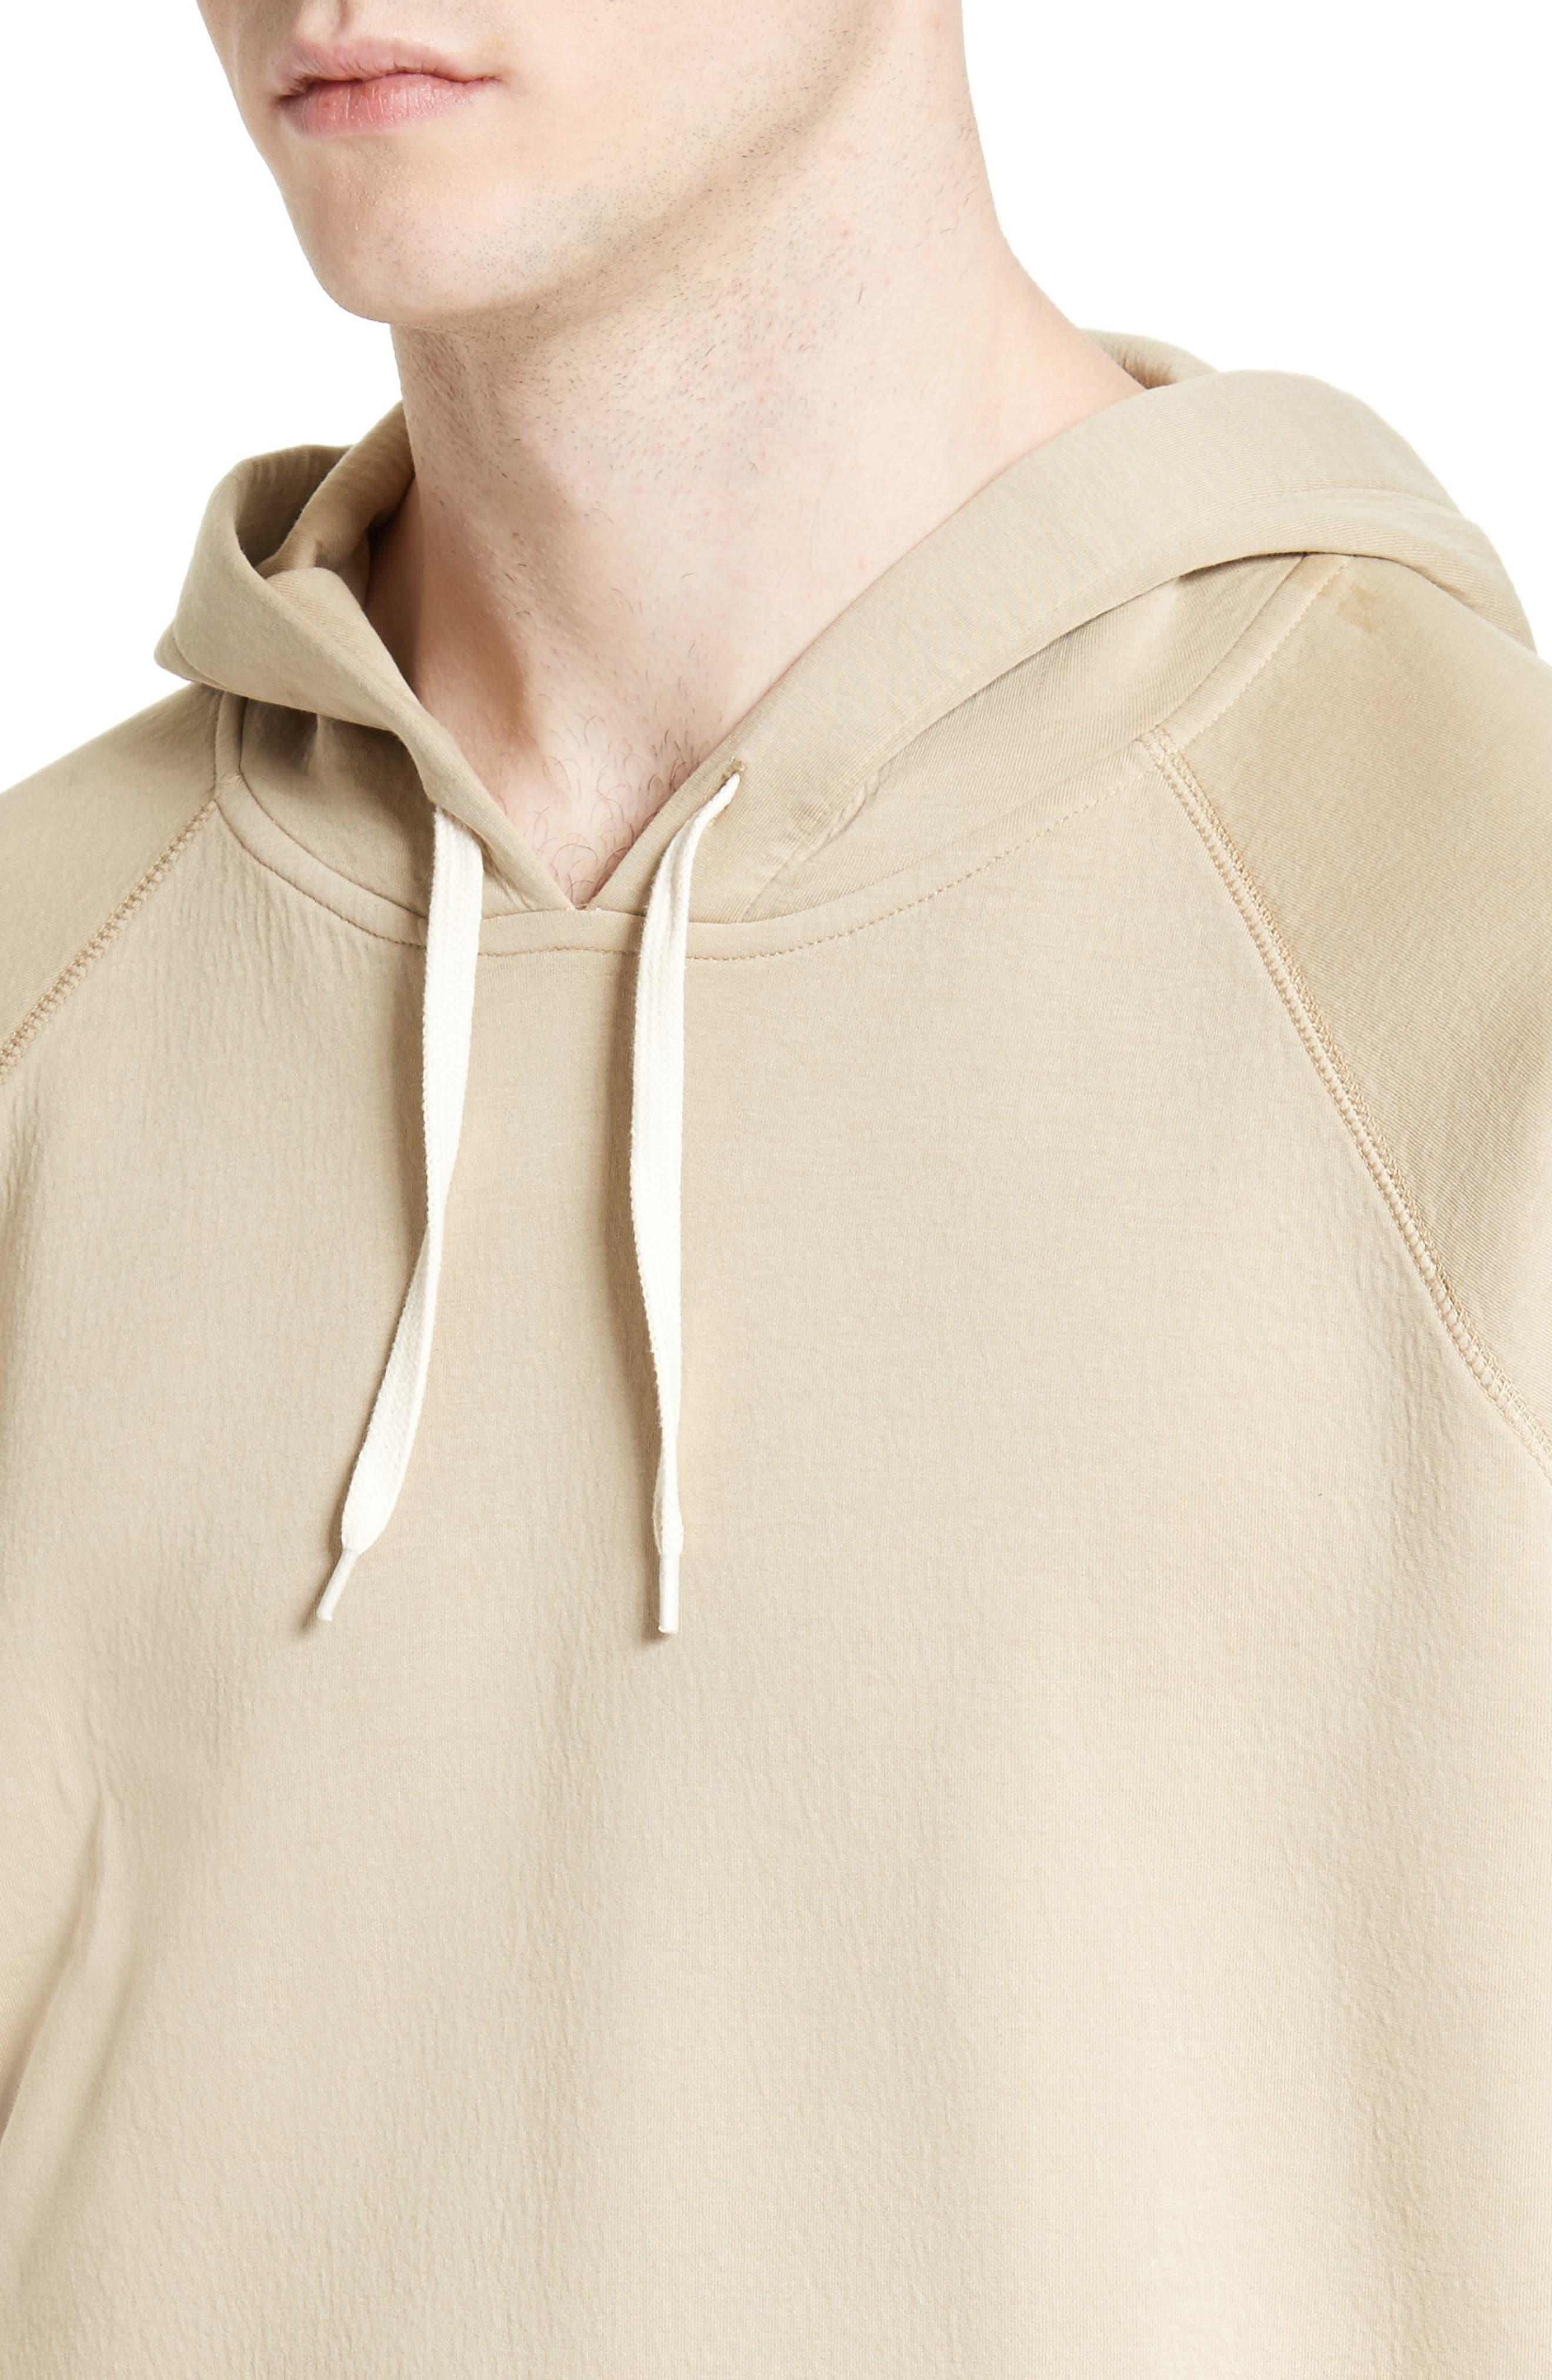 Scuba Hooded Sweatshirt,                             Alternate thumbnail 4, color,                             250